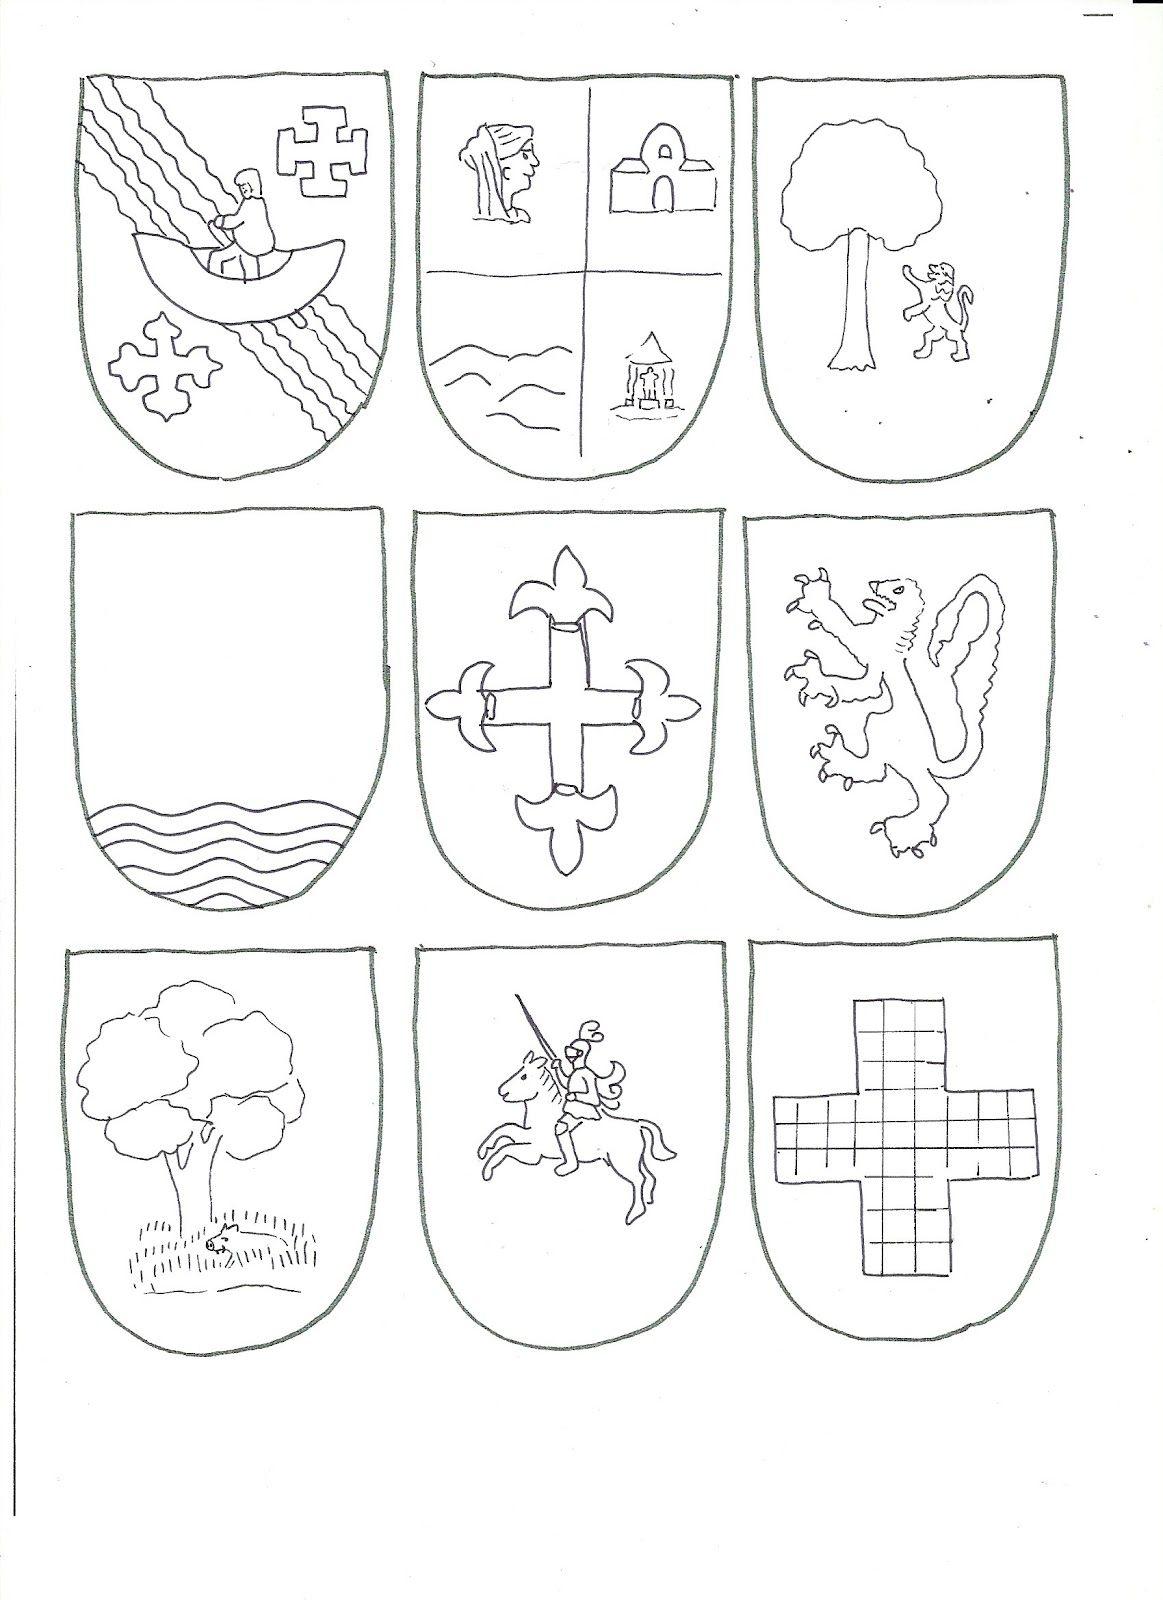 Los apellidos tienen un escudo de armas, que muestra en sus motivos ...